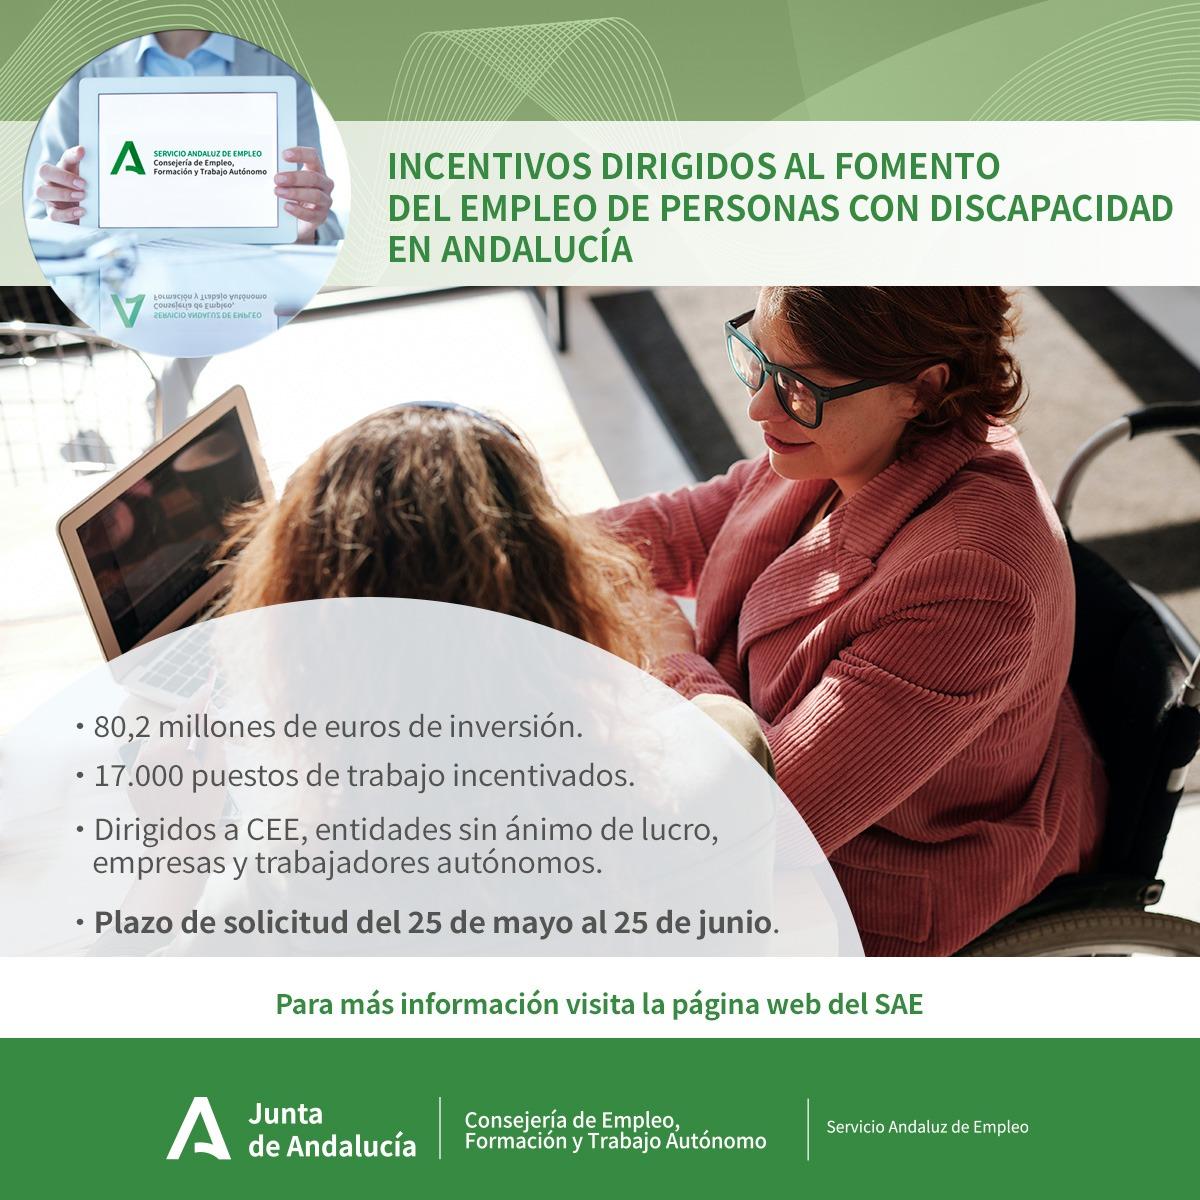 Empleo respalda con 4,5 millones las ayudas a la contratación de personas con discapacidad en Granada